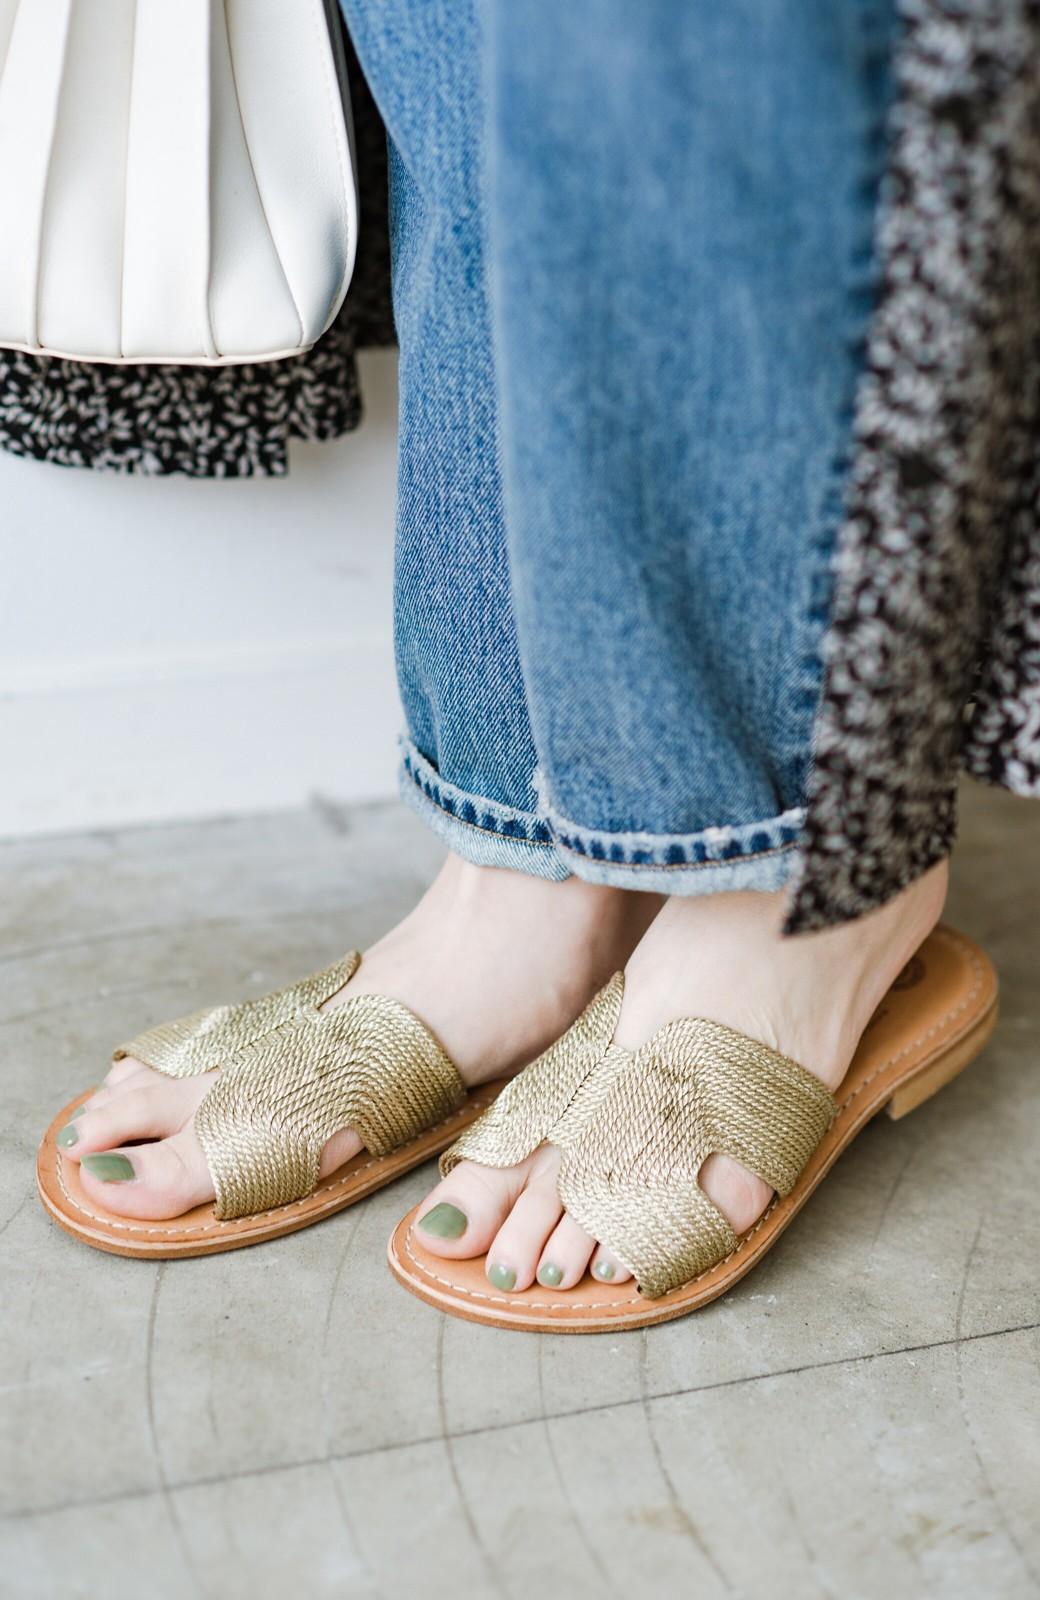 haco! EDER 素足をきれいに魅せてくれるゴールドカラーのフラットサンダル <ゴールド>の商品写真4